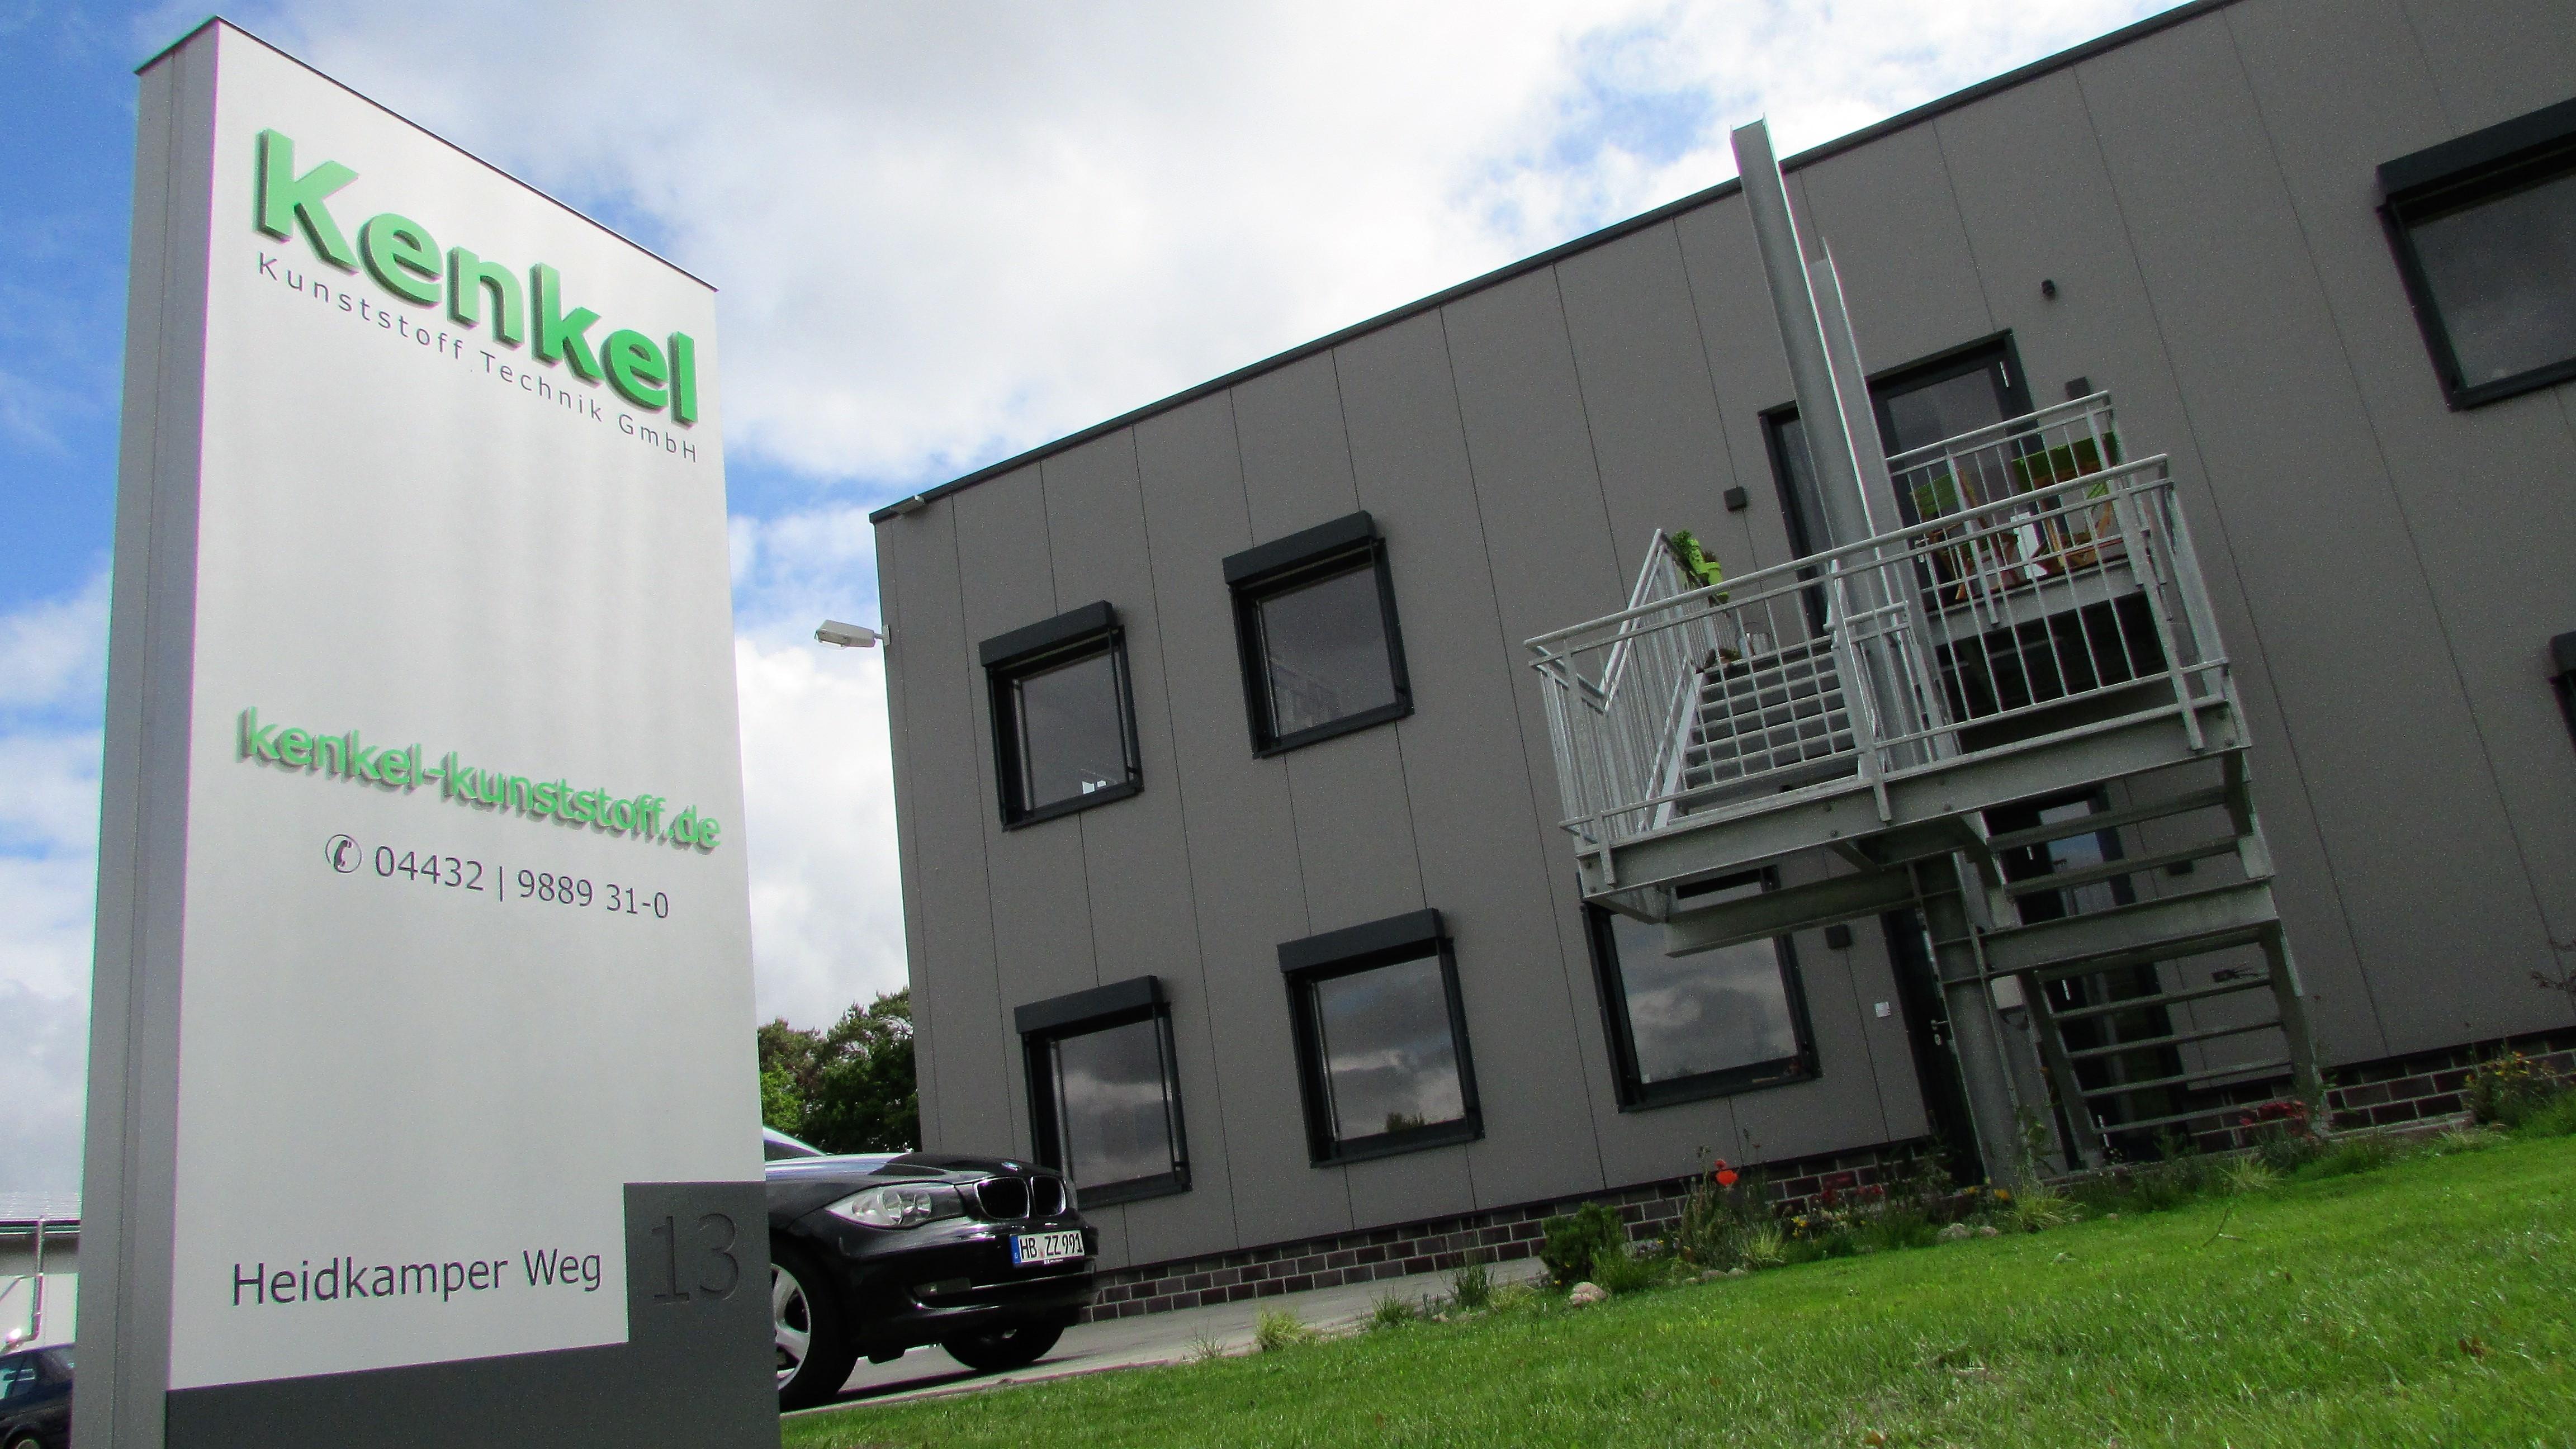 Kenkel Kunststoff GmbH